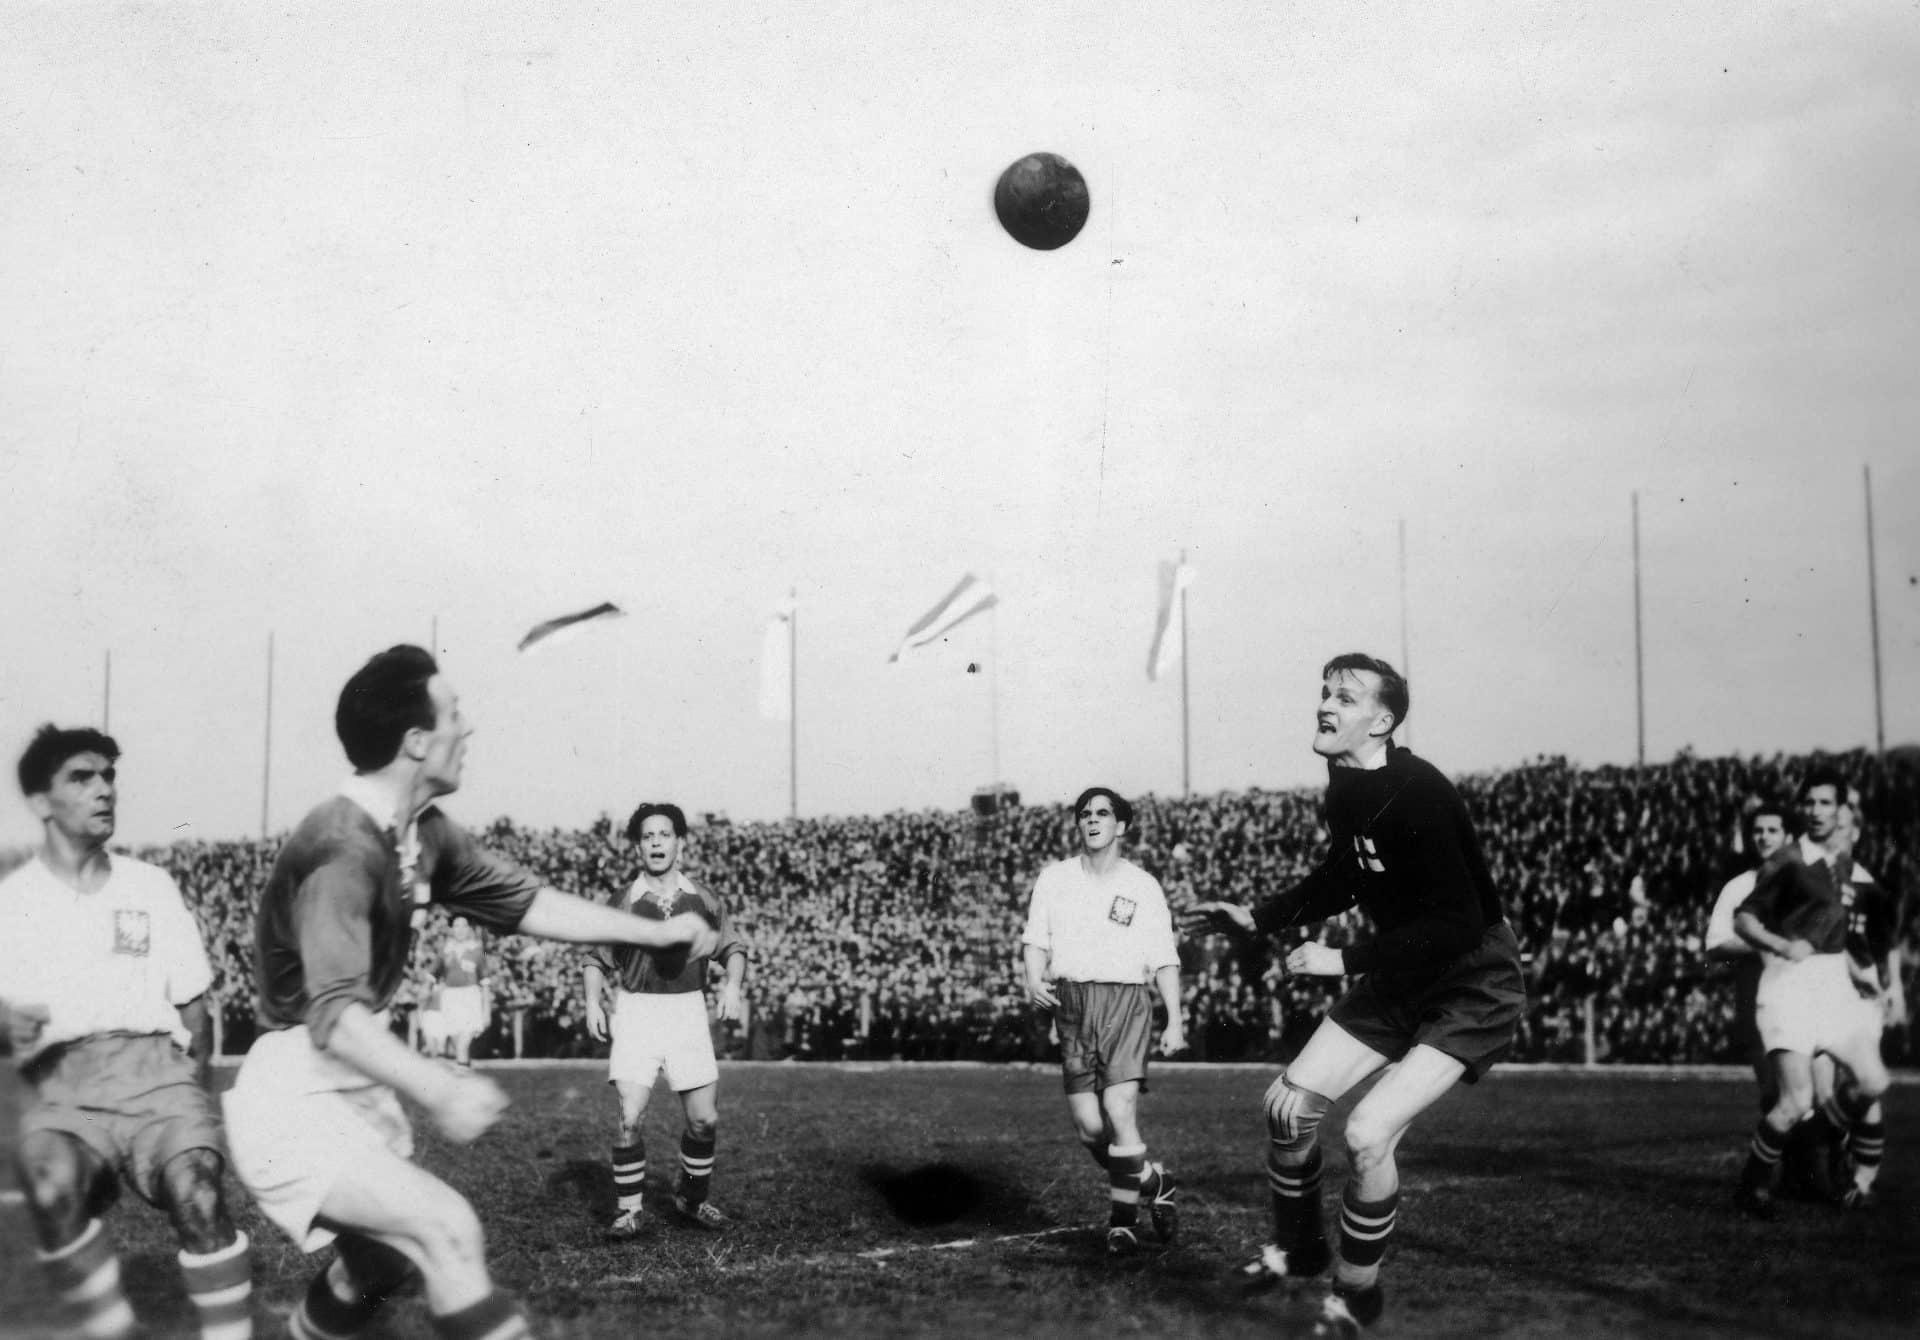 Wielkie Derby Krakowa 1948. Zdjęcie wykonano w 1948 roku. Widać na nim między innymi Mieczysława Gracza i Gerarda Cieślika. Źródło: Narodowe Archiwum Cyfrowe.